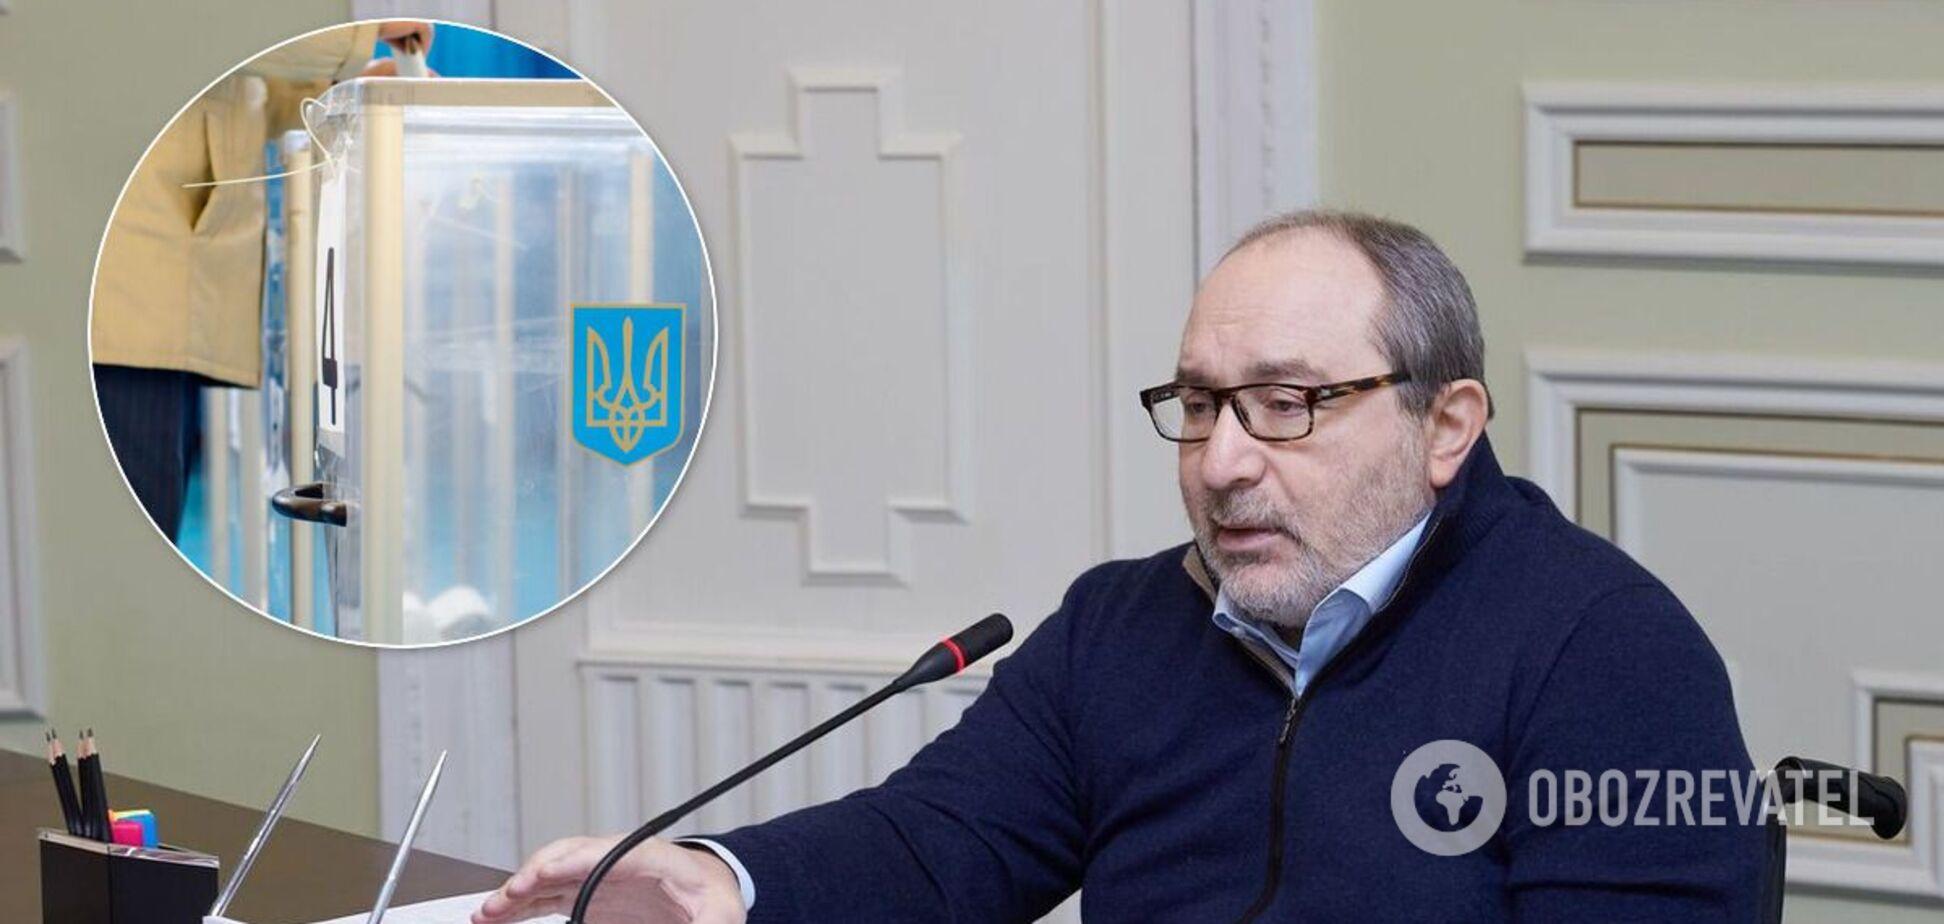 На выборах мэра в Харькове лидирует действующий городской голова Геннадий Кернес